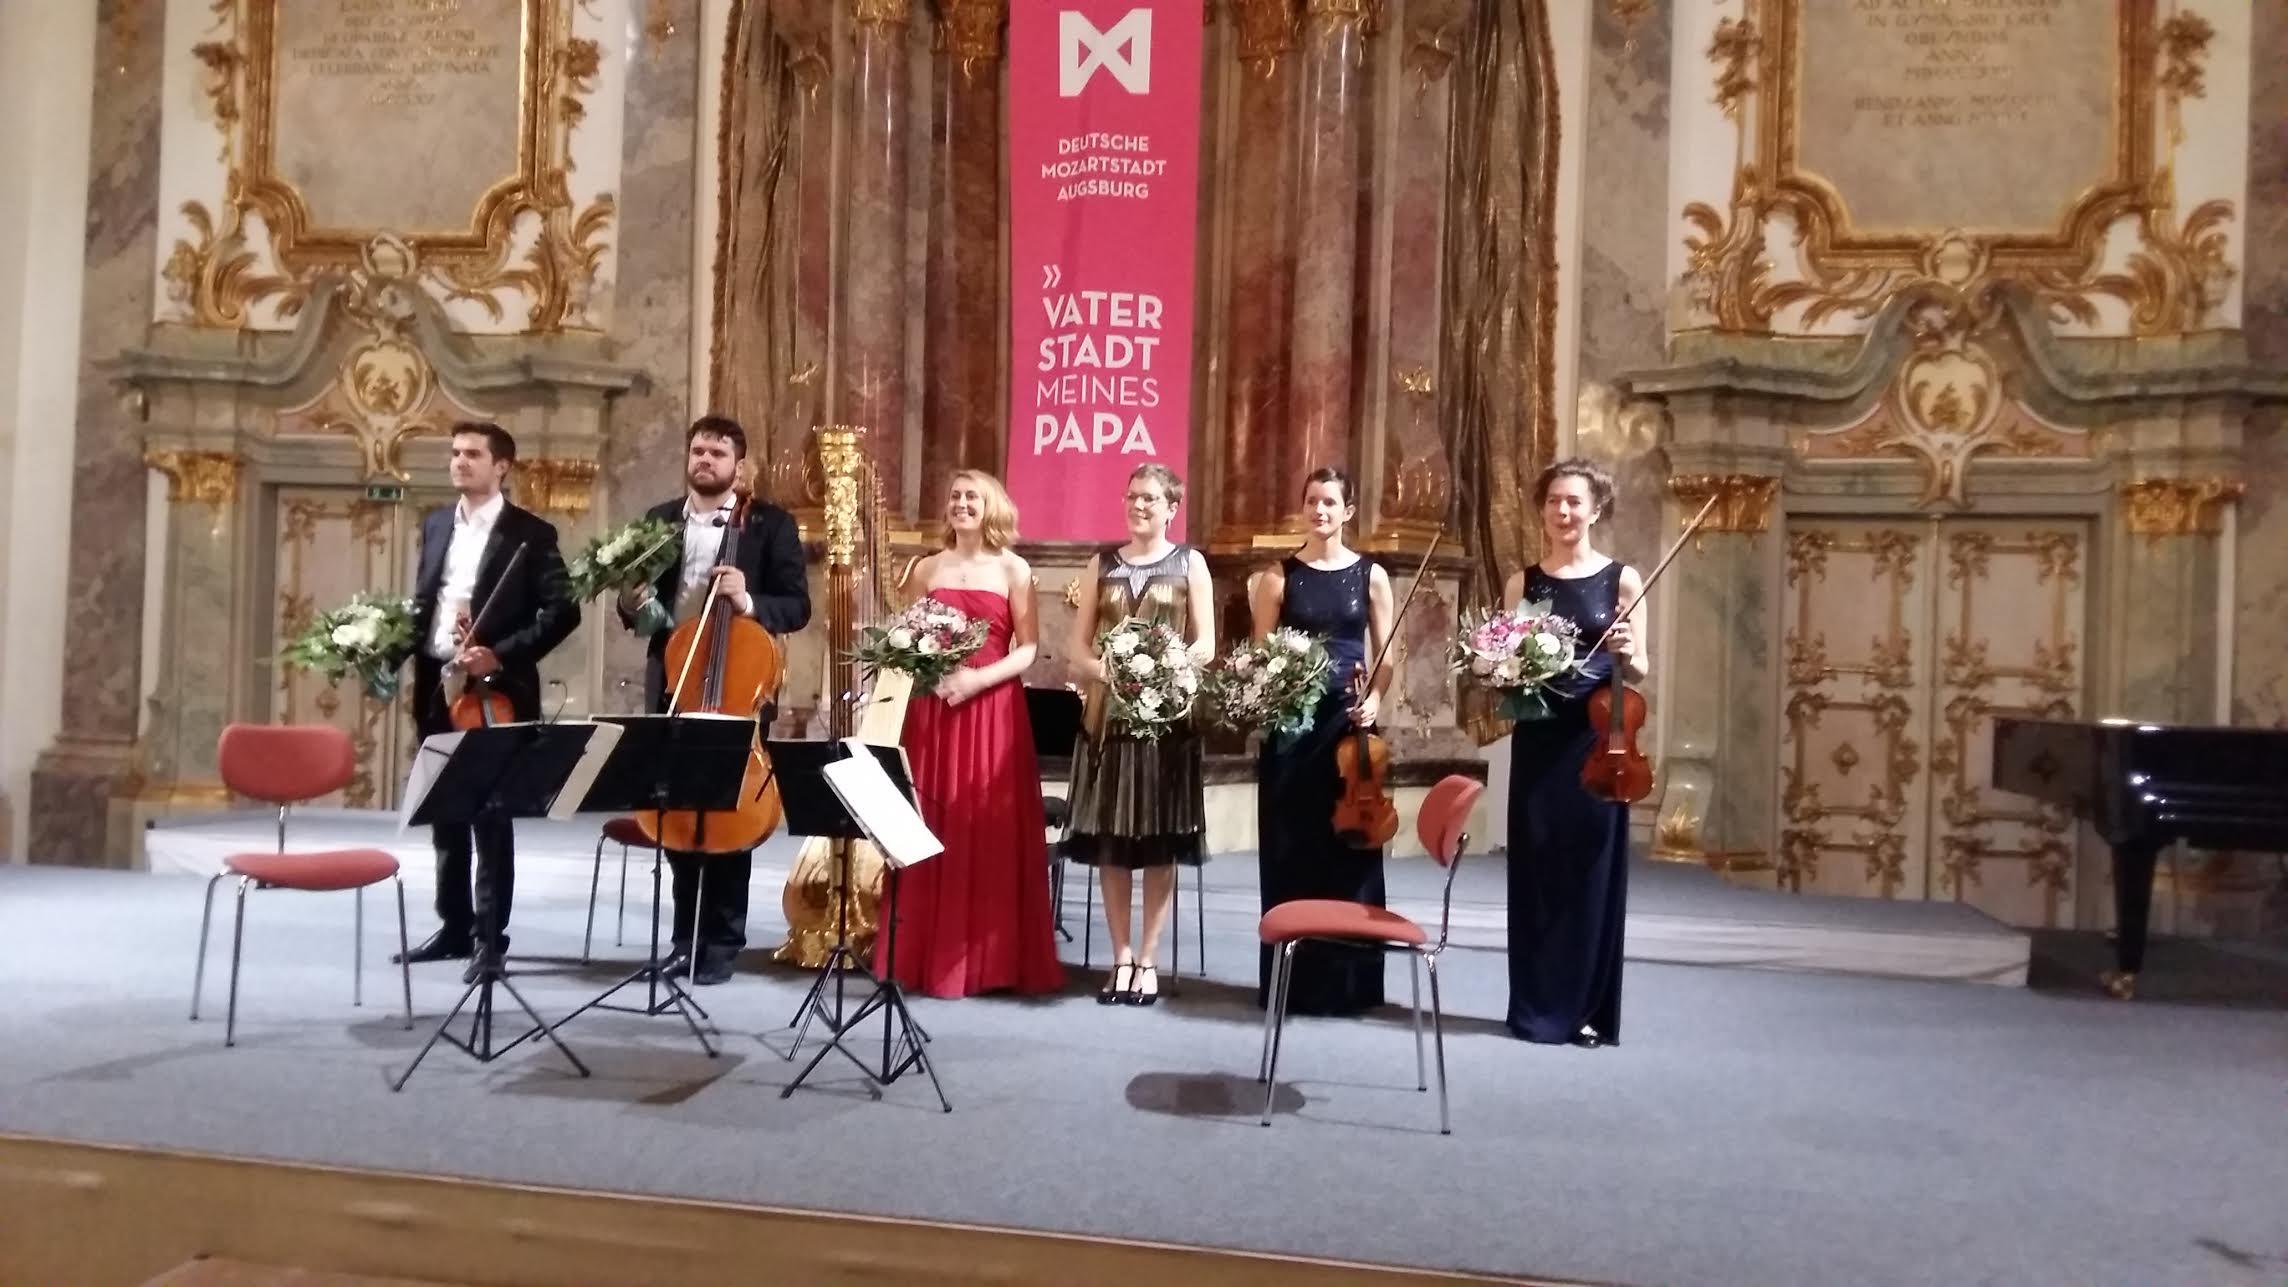 v.l. Caspar Vinzens, Lukas Sieber, Daniela Koch, Agnès Clément, Noémi Zipperling, Anna Katharina Wildermuth